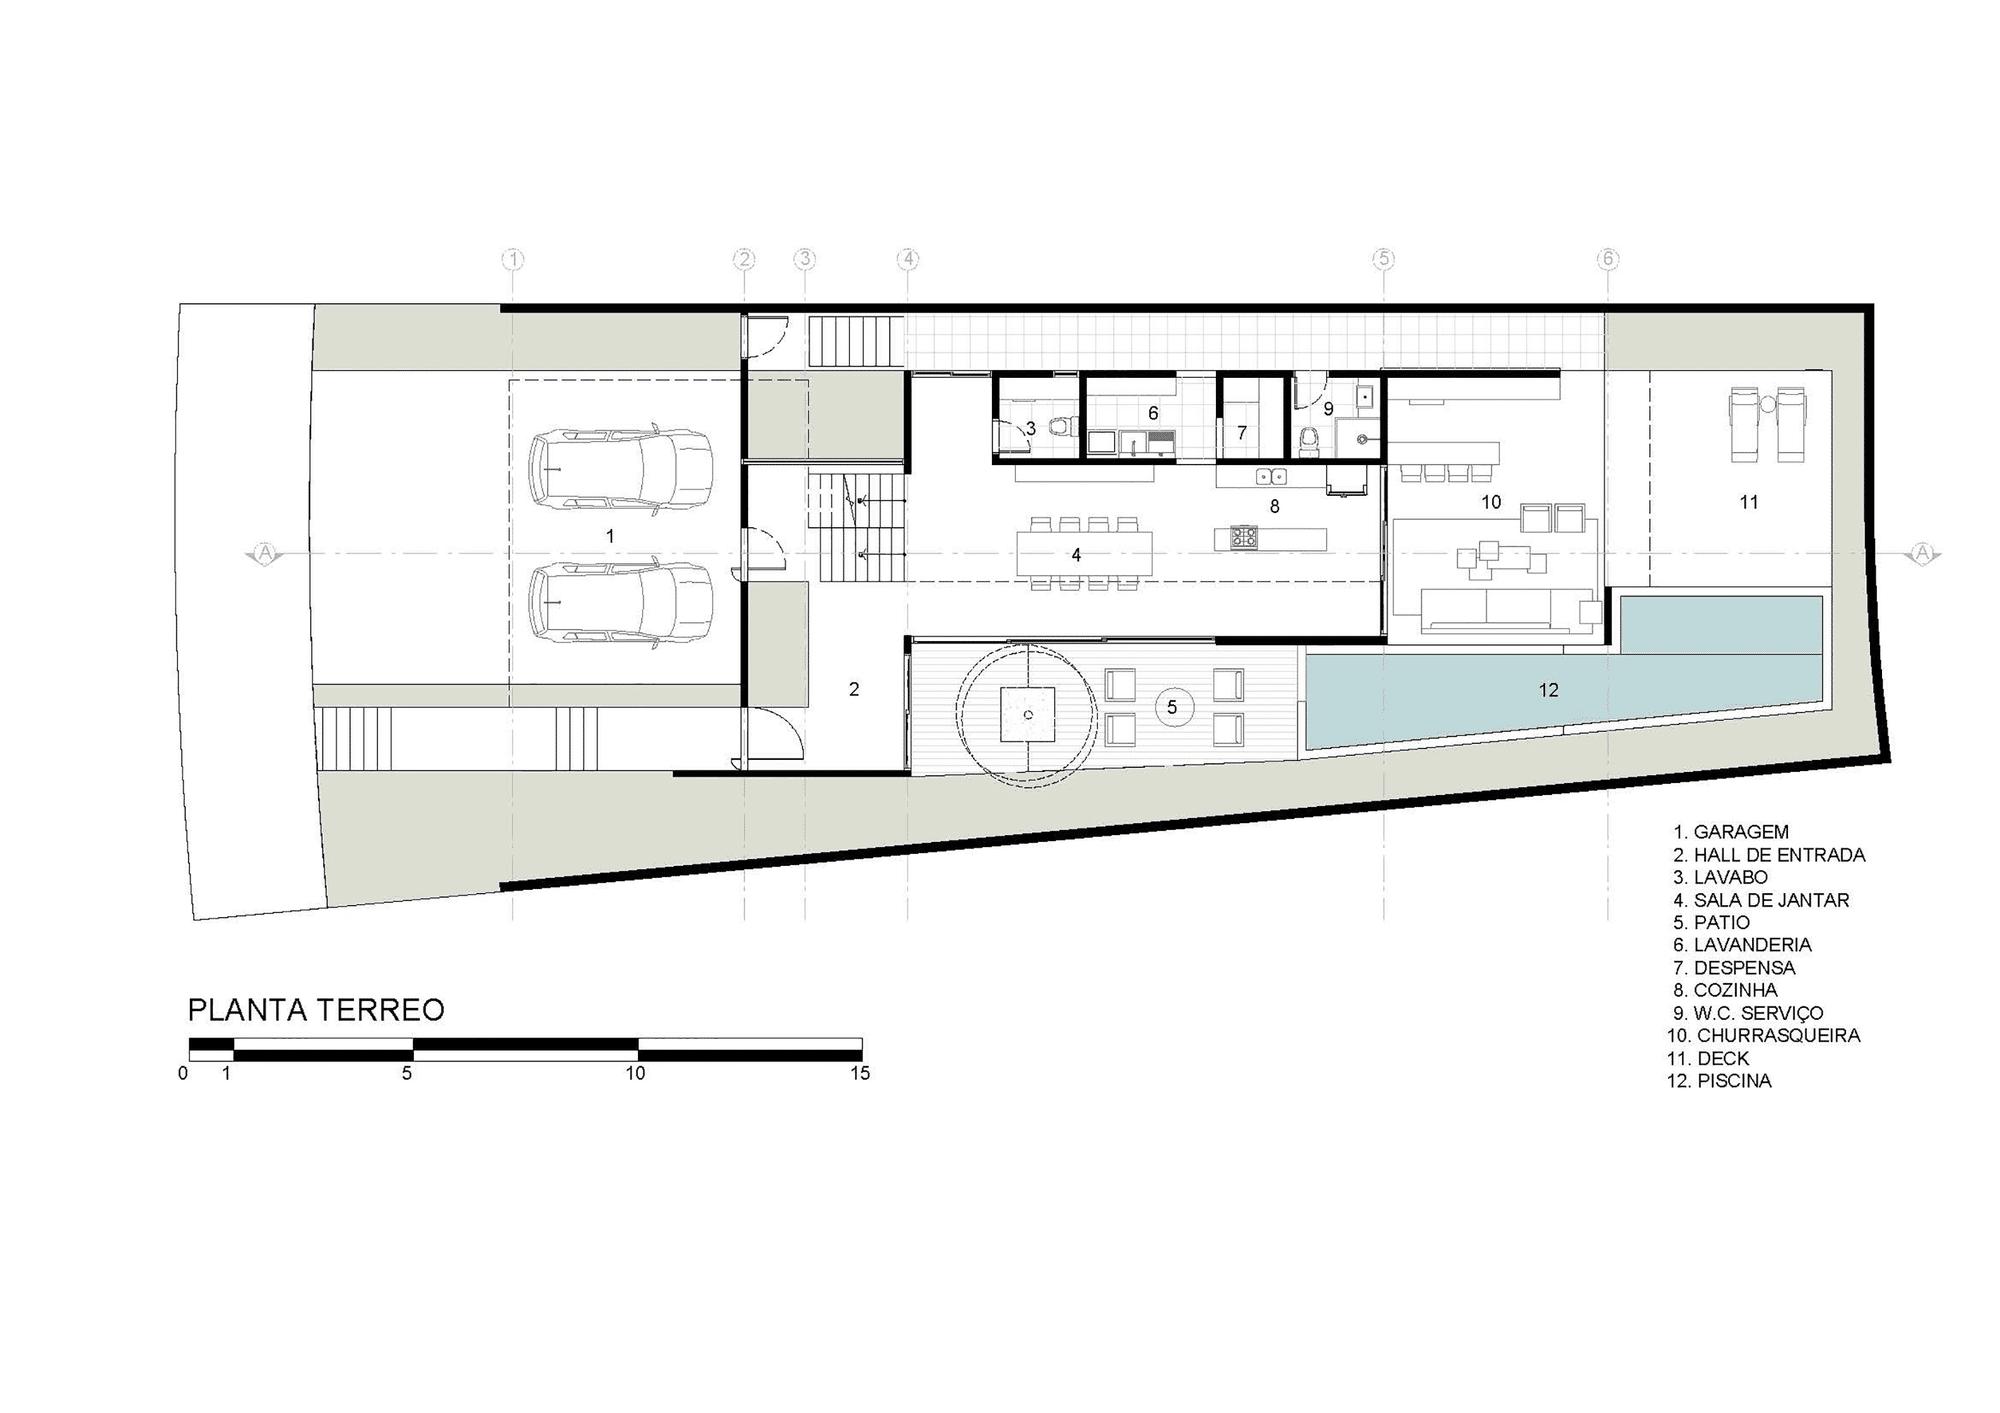 Dise o de moderna casa de dos pisos con fachada y planos for Diseno de planos